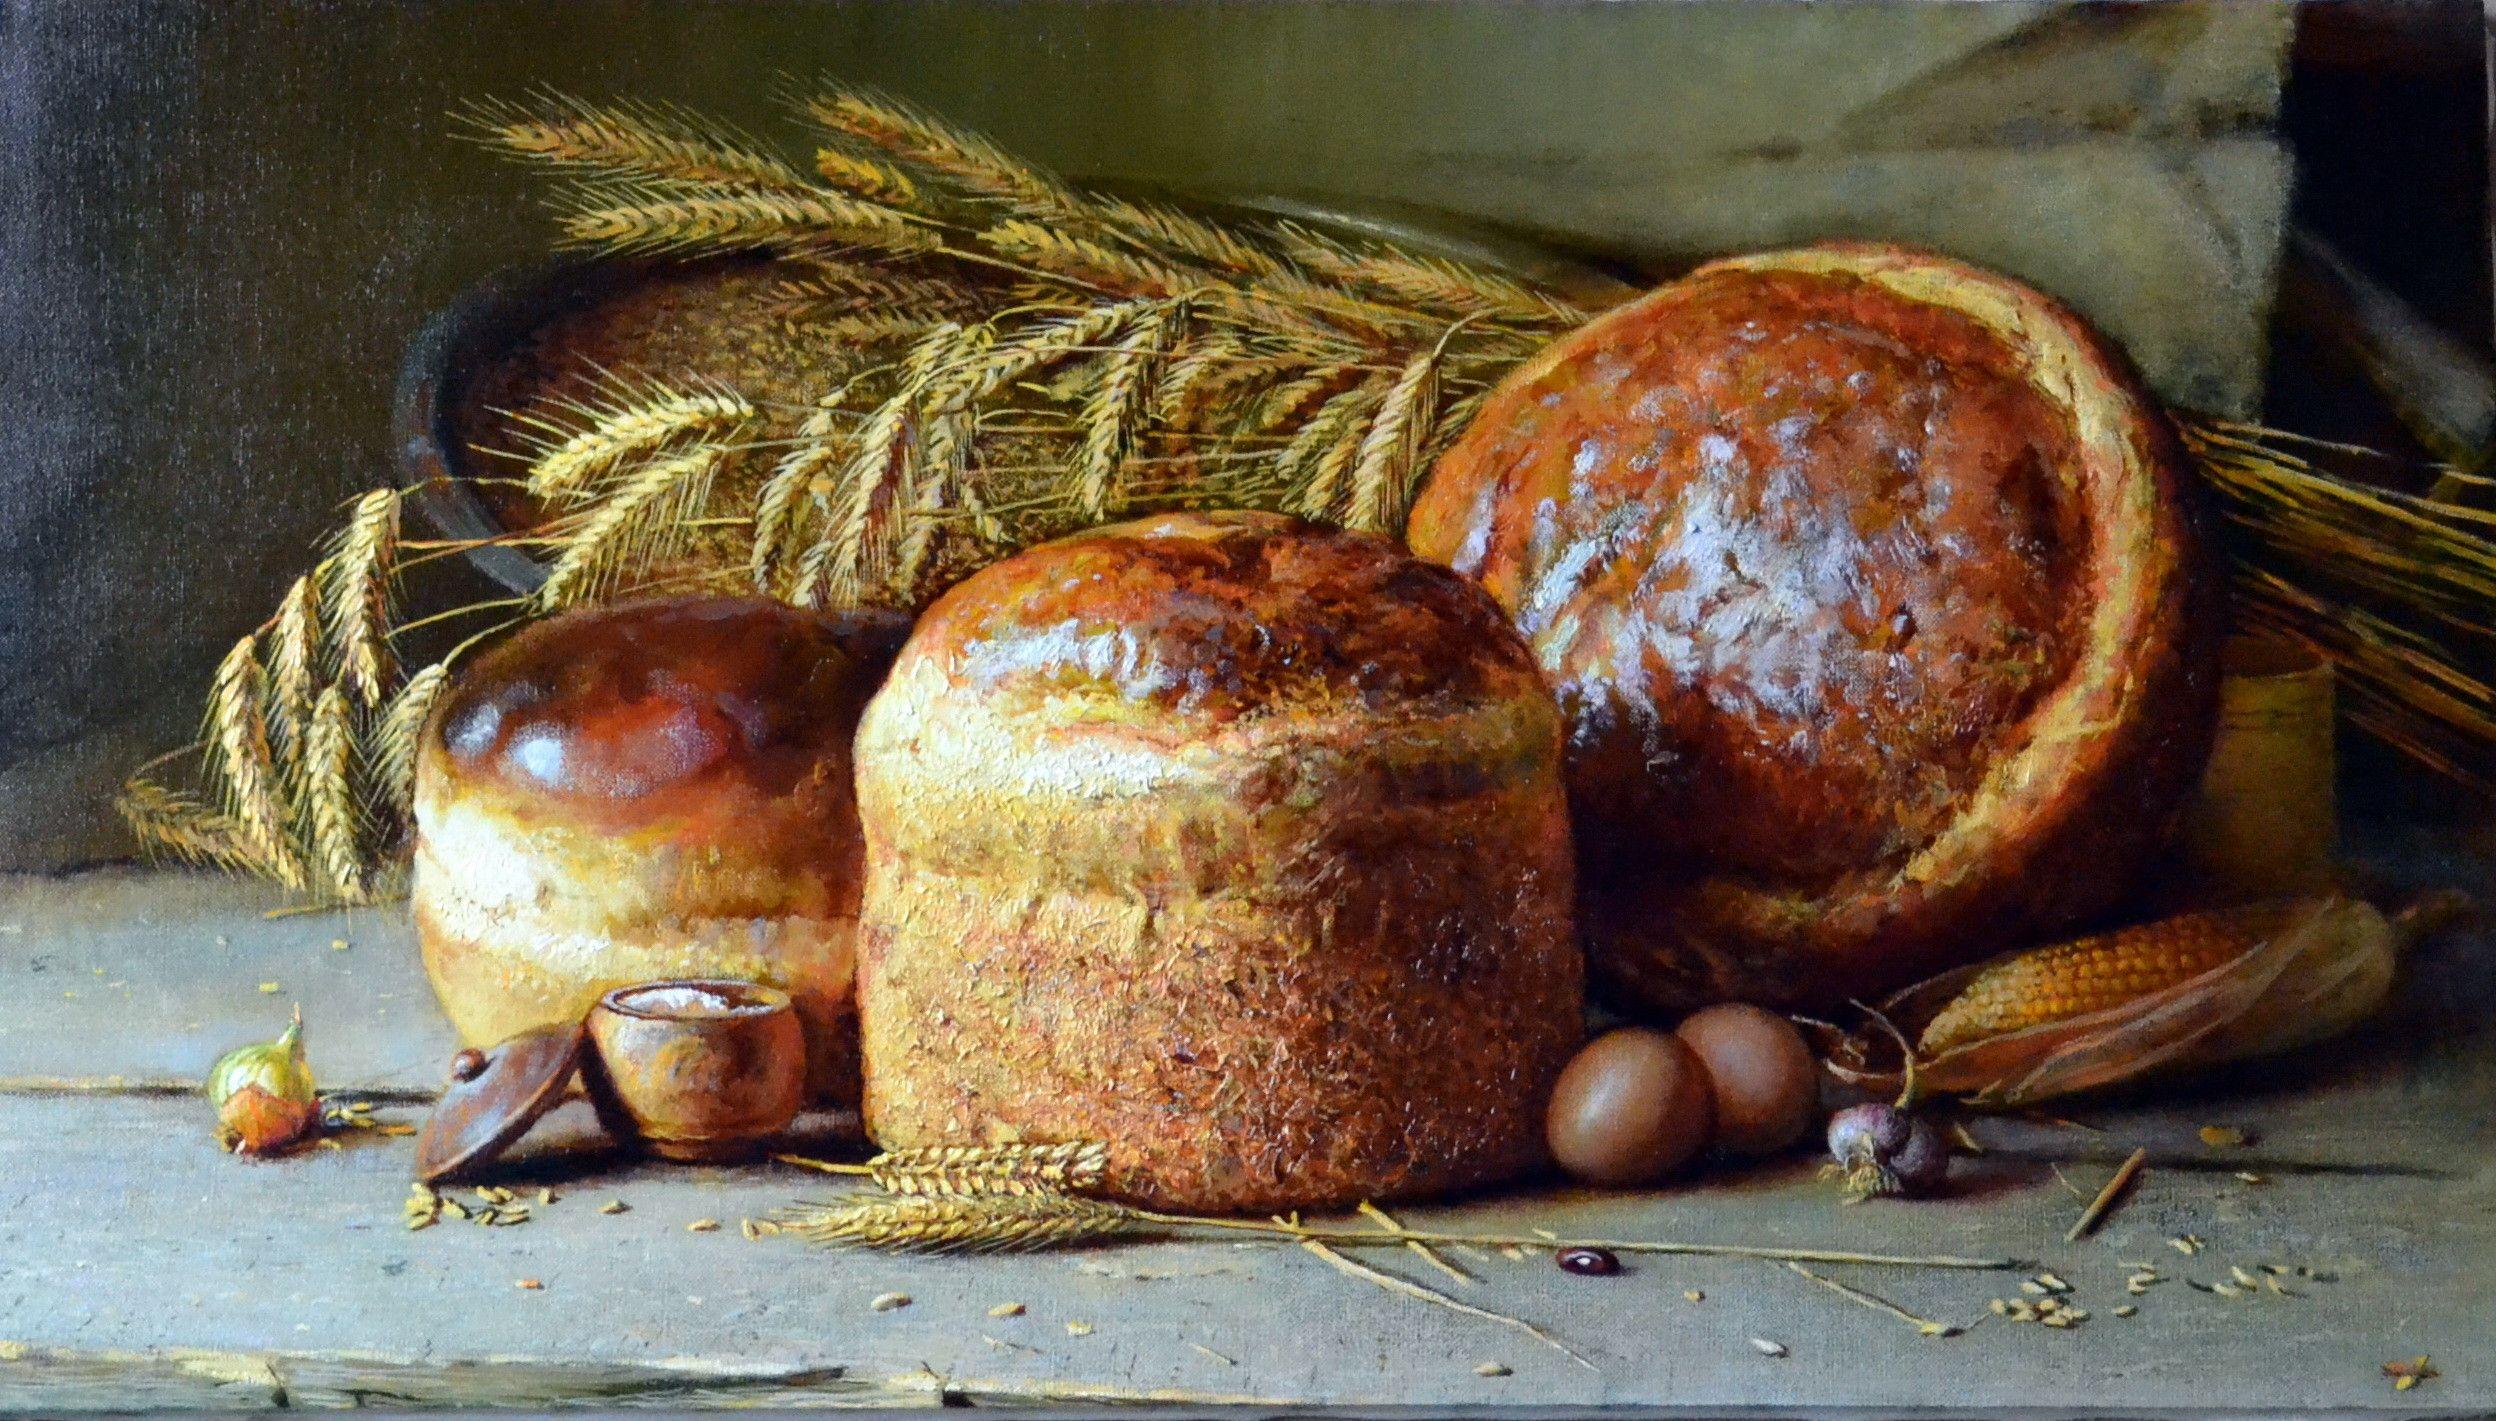 катеты картинки для декупажа хлебные выяснится, что удаленная